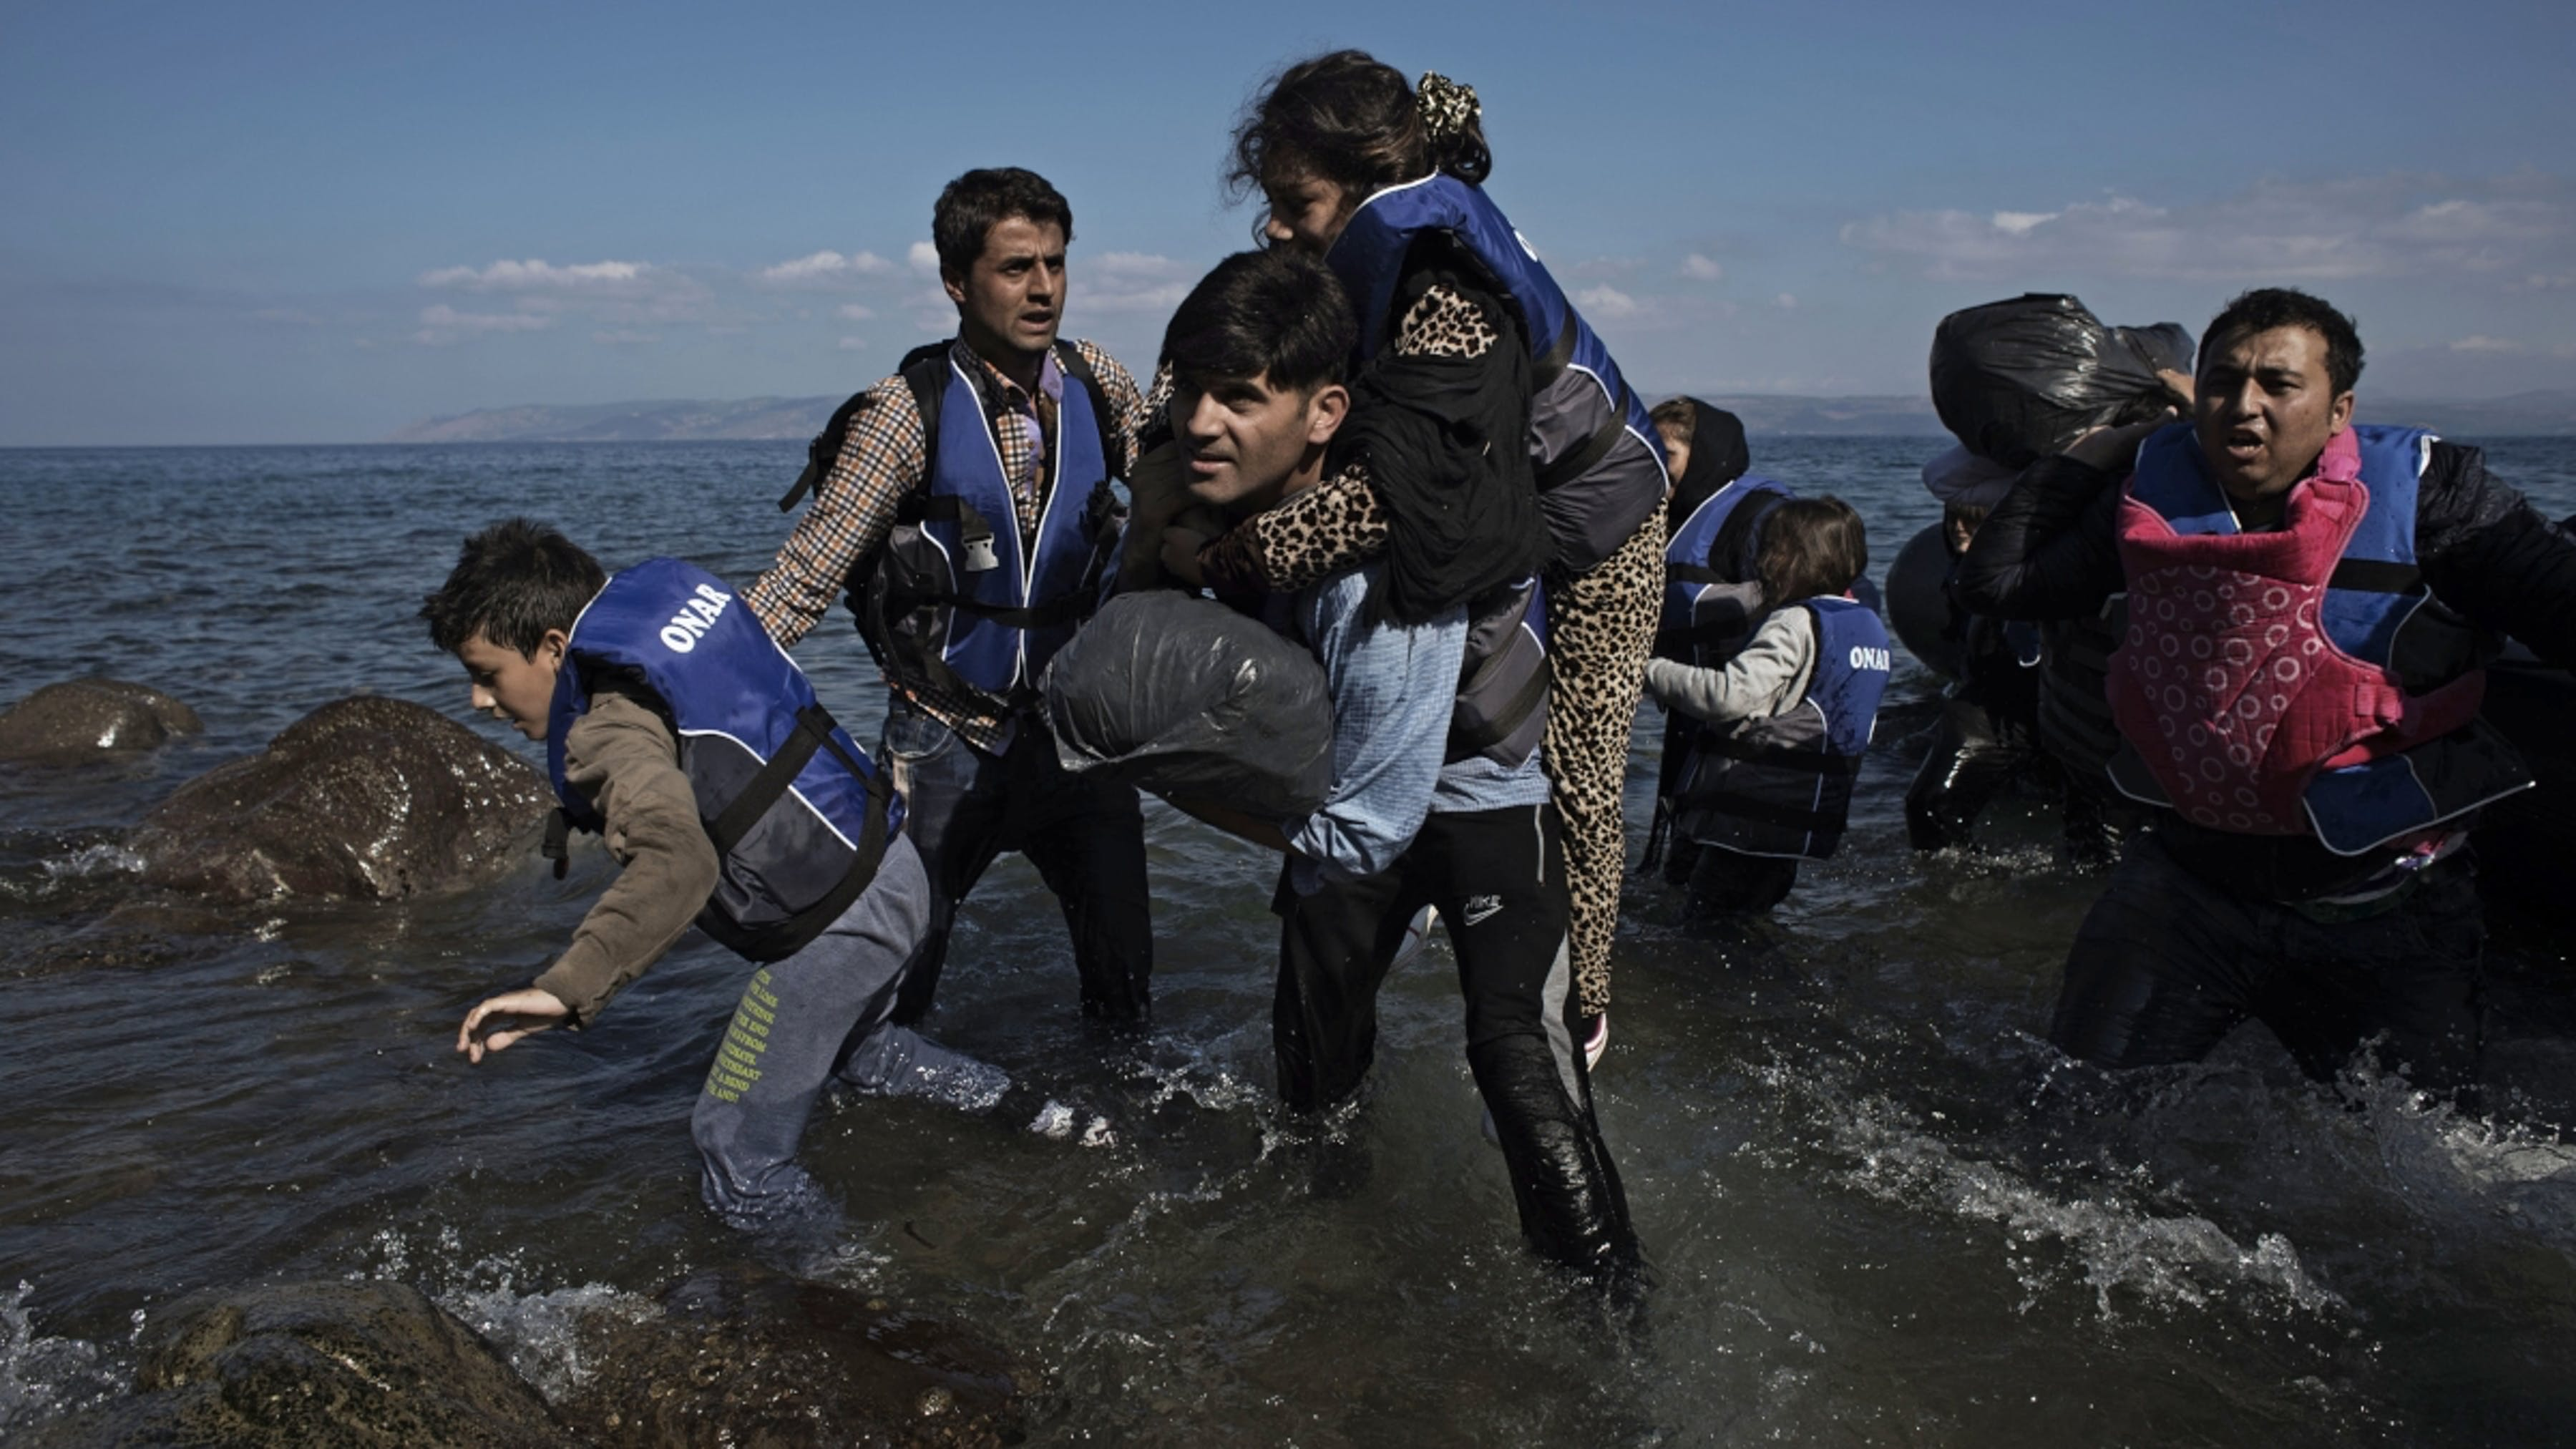 Grecia, migranti siriani approdano all'isola di Lesbo.